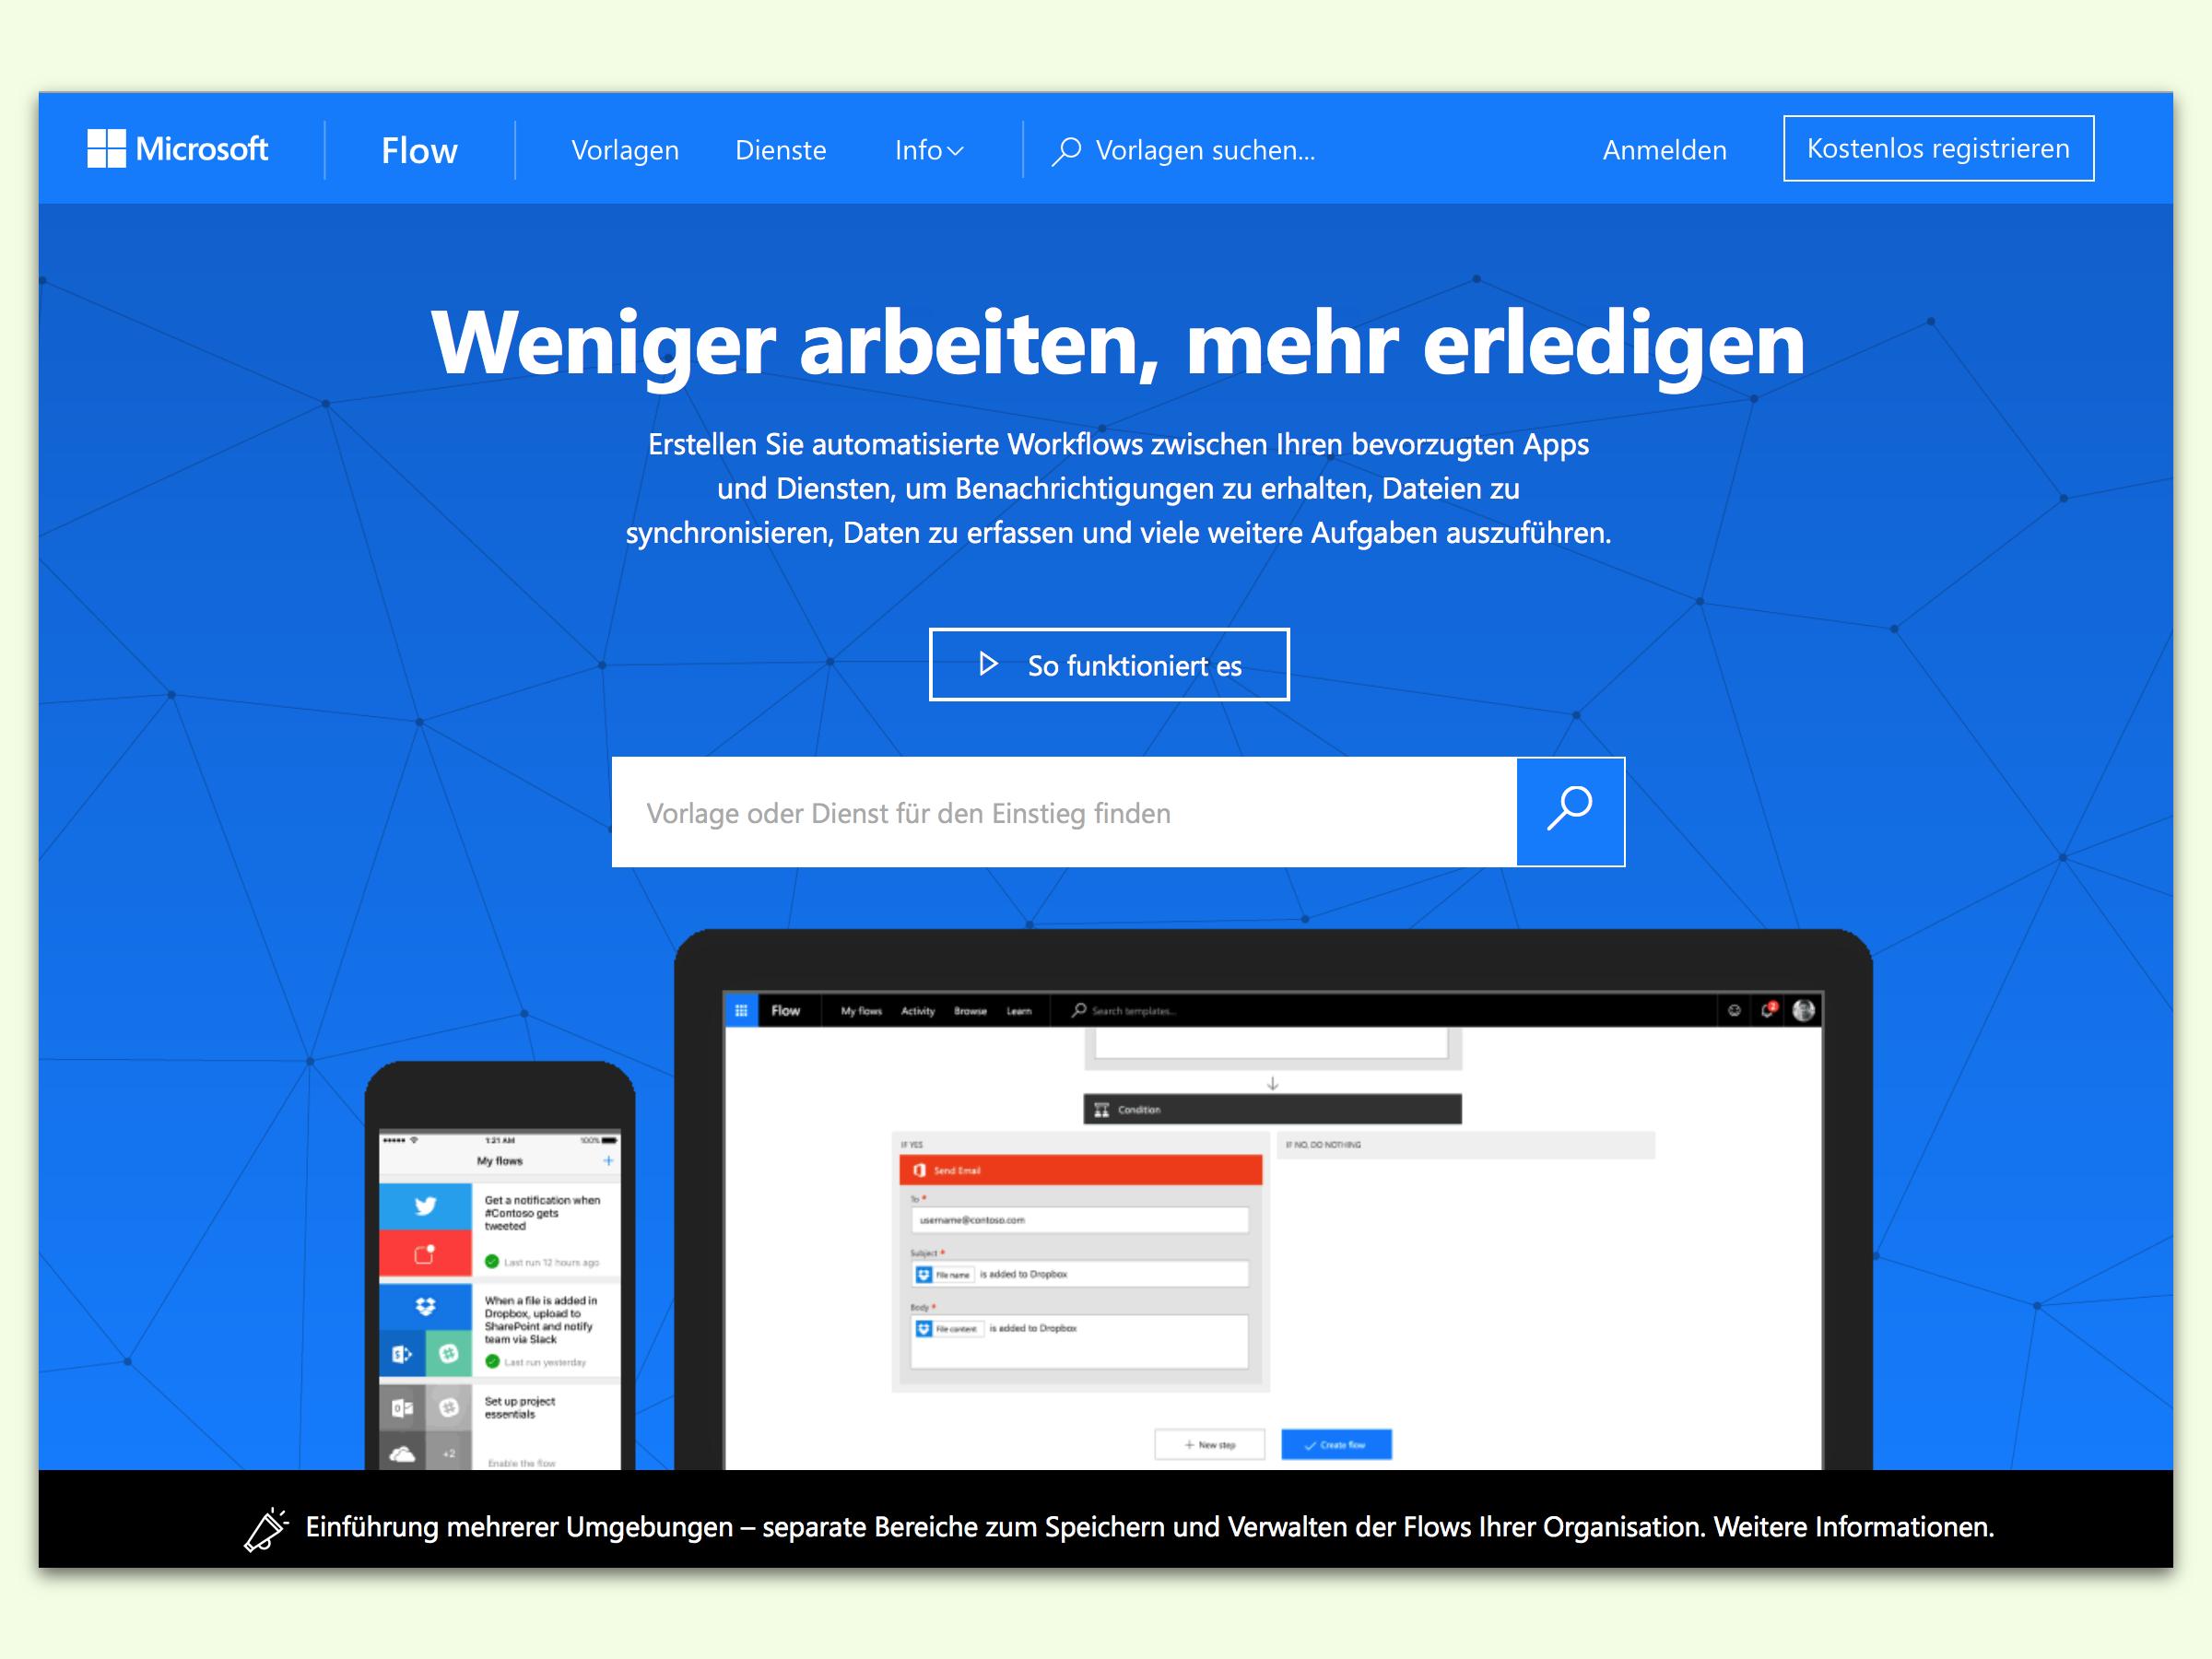 https://www.schieb.de/750719/herausfinden-ob-das-touch-pad-multi ...